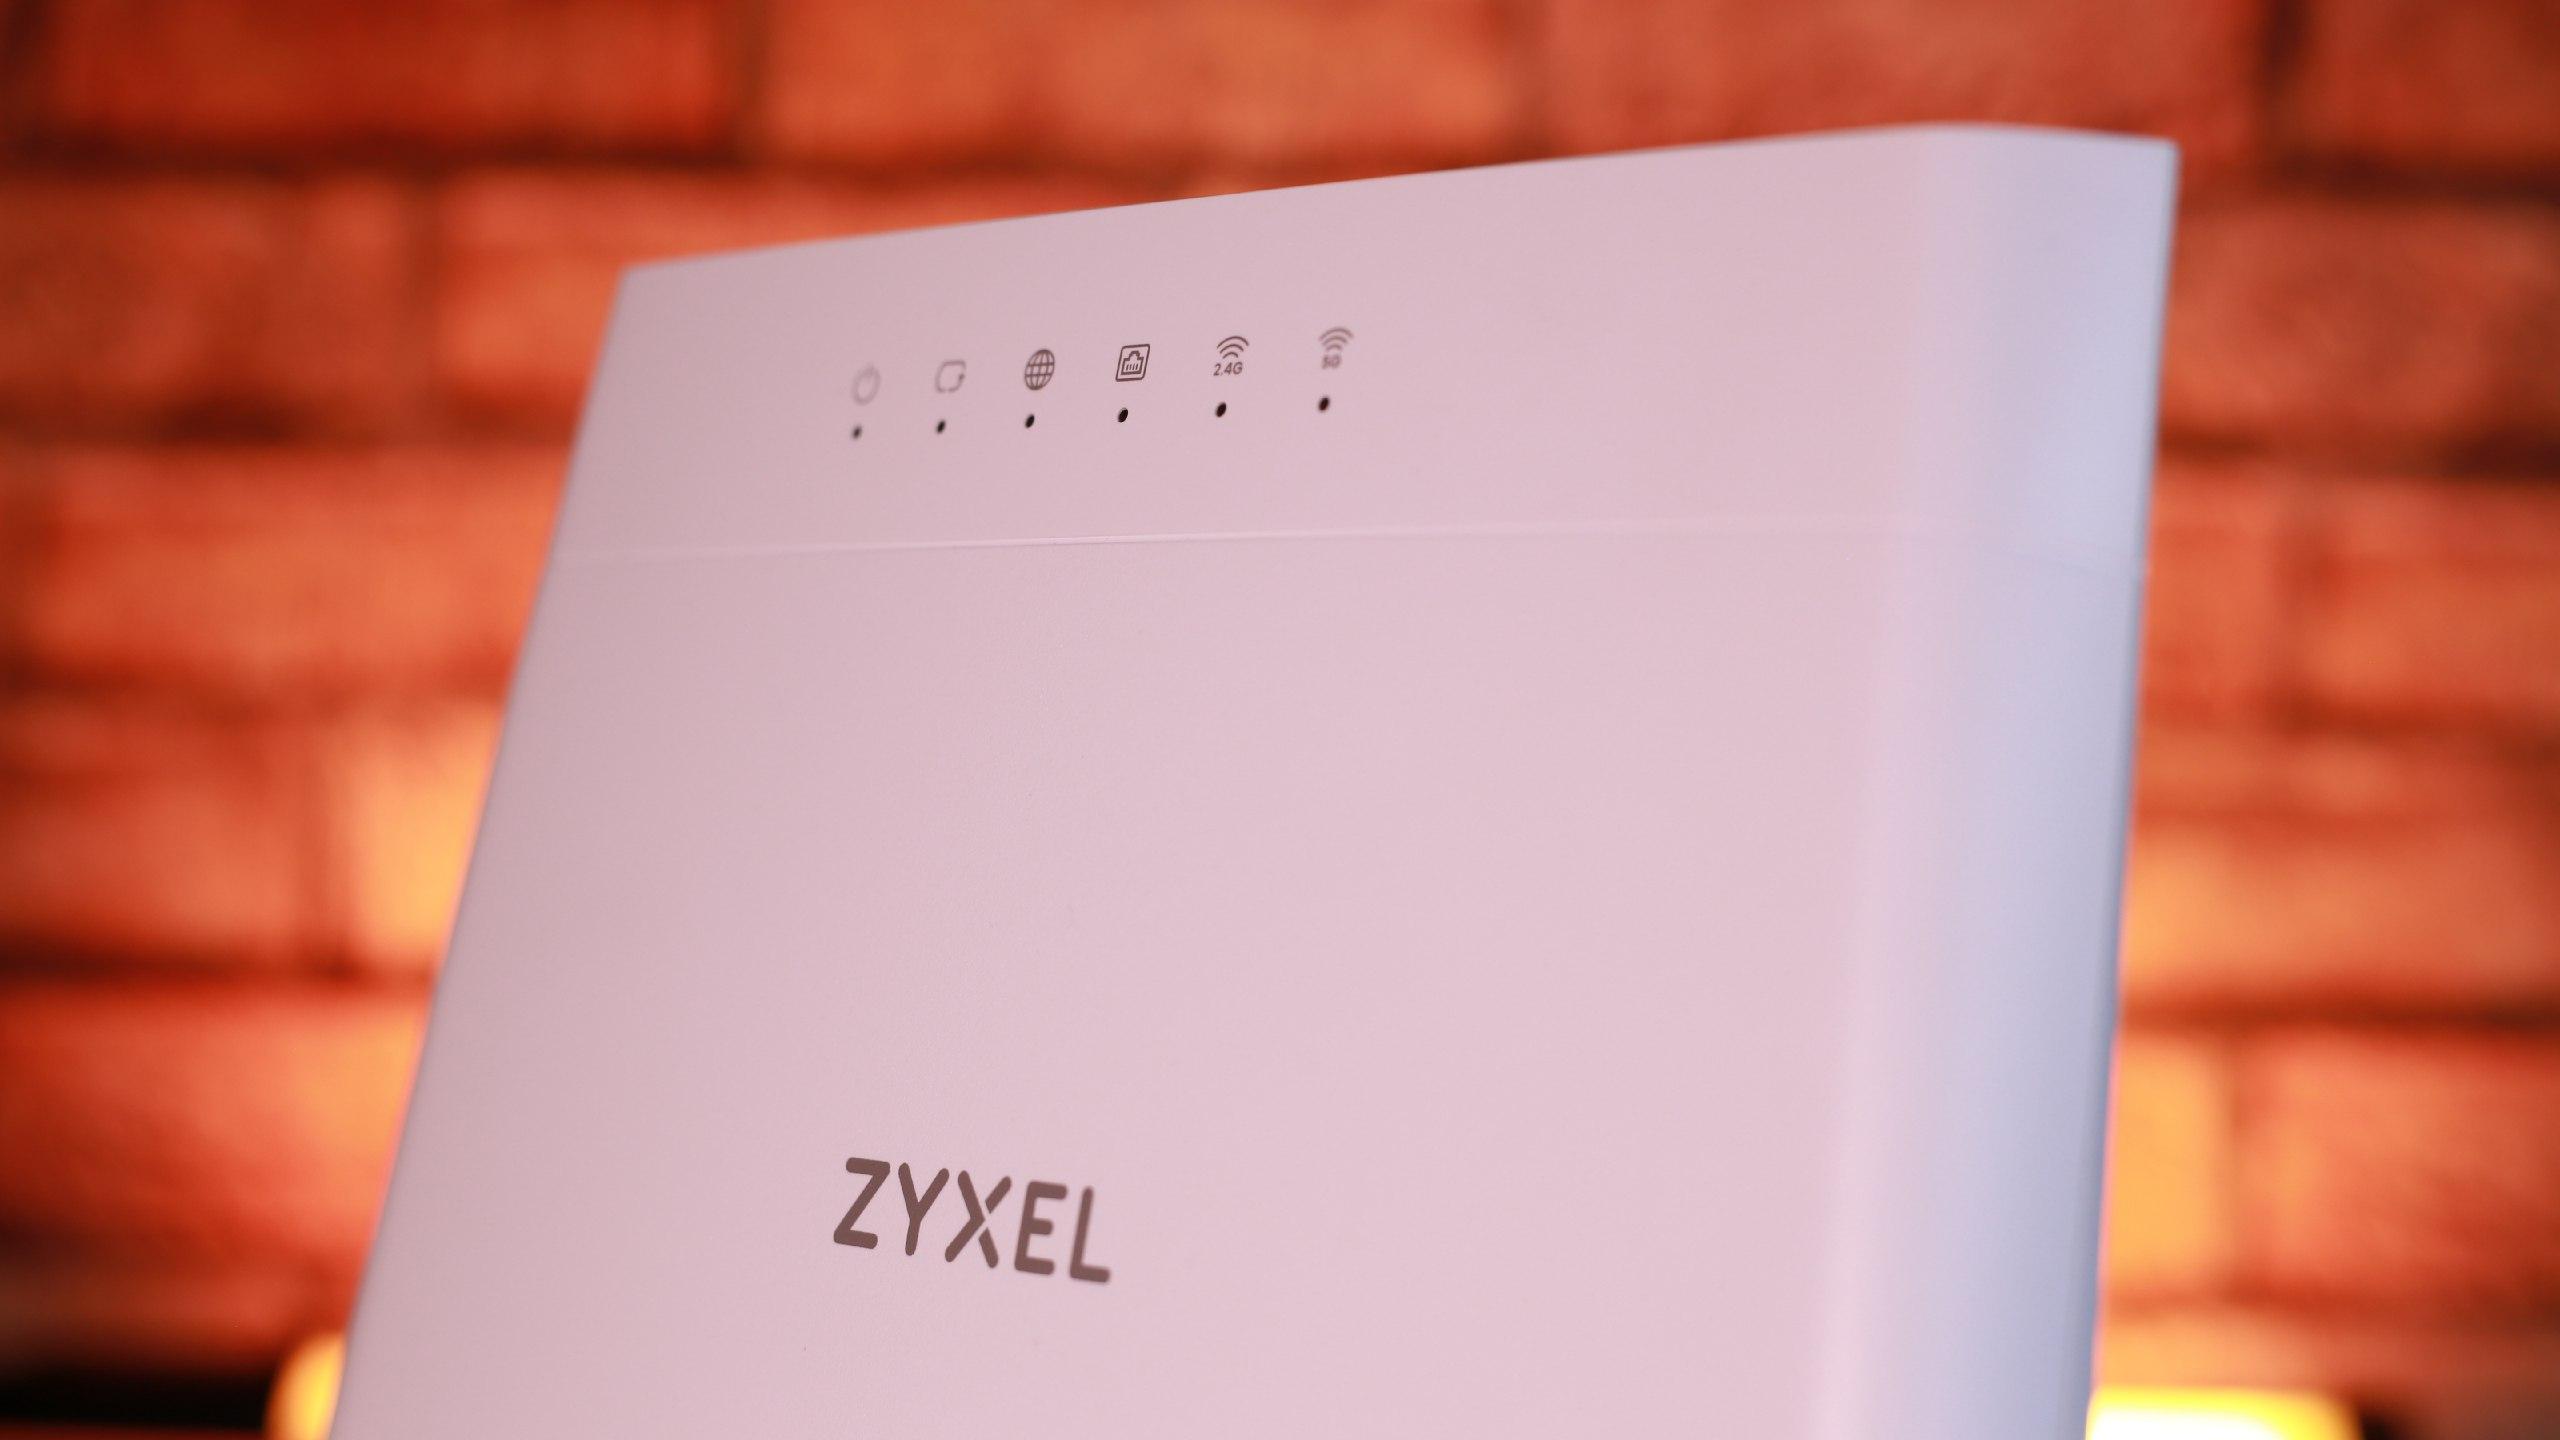 Zyxel WMG3625-T50B modem